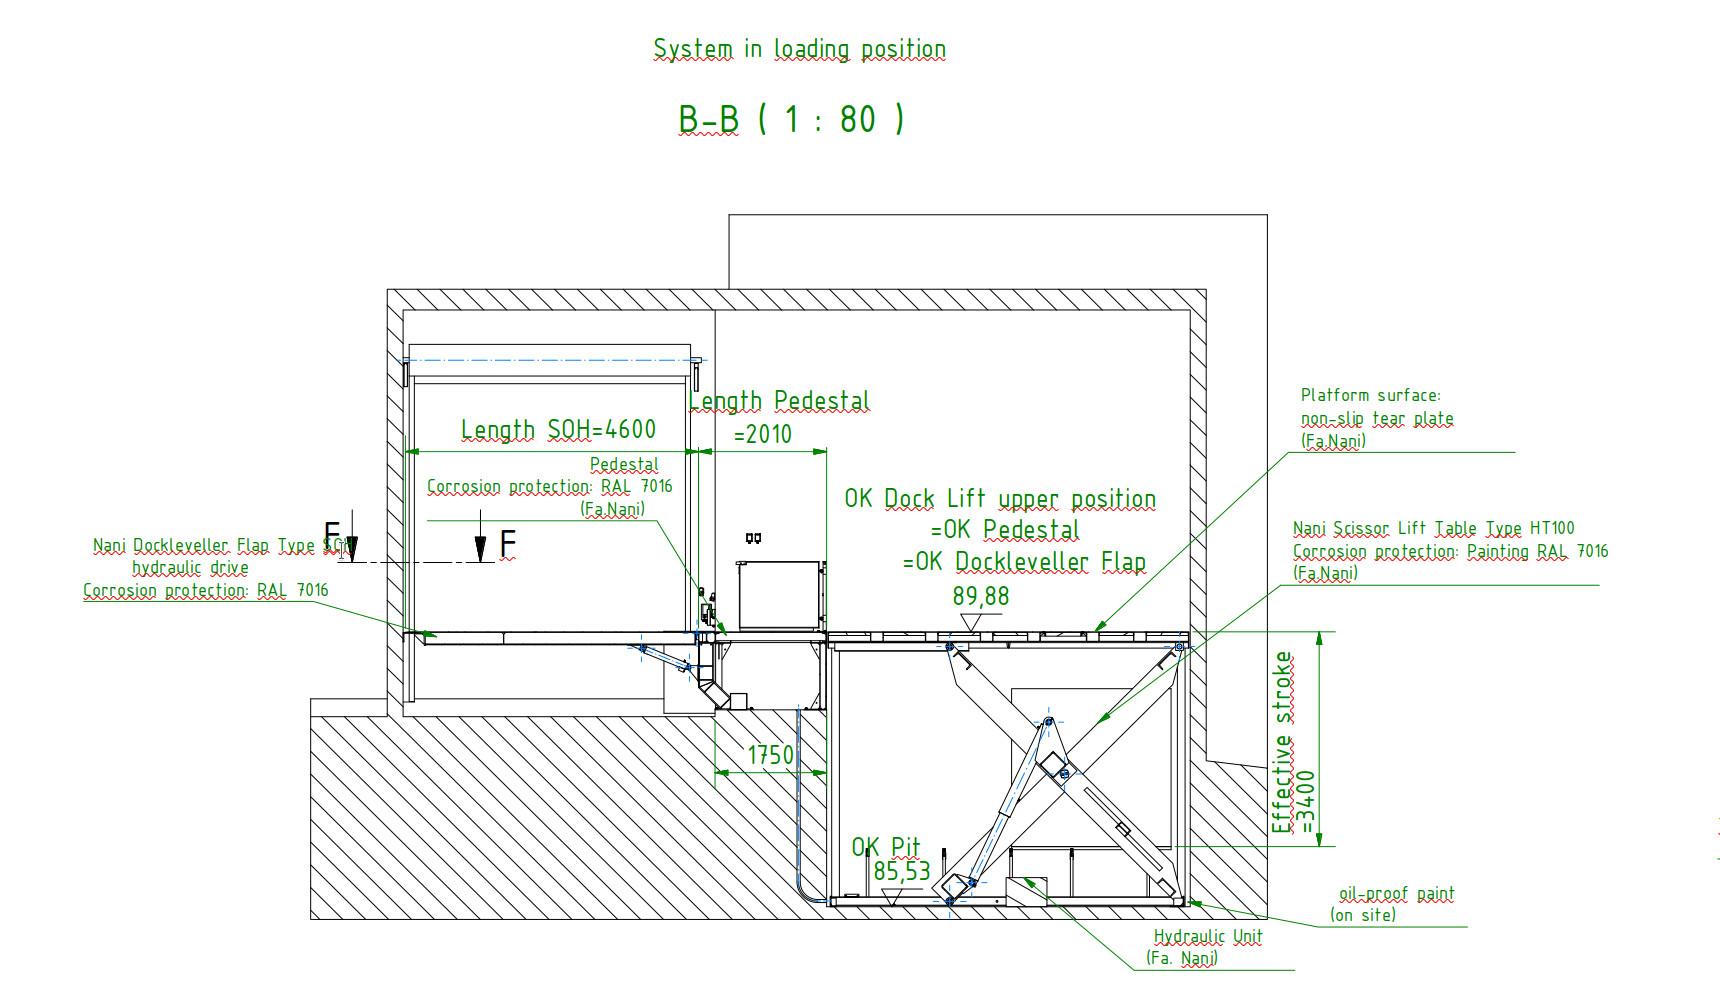 Loading platform design drawing